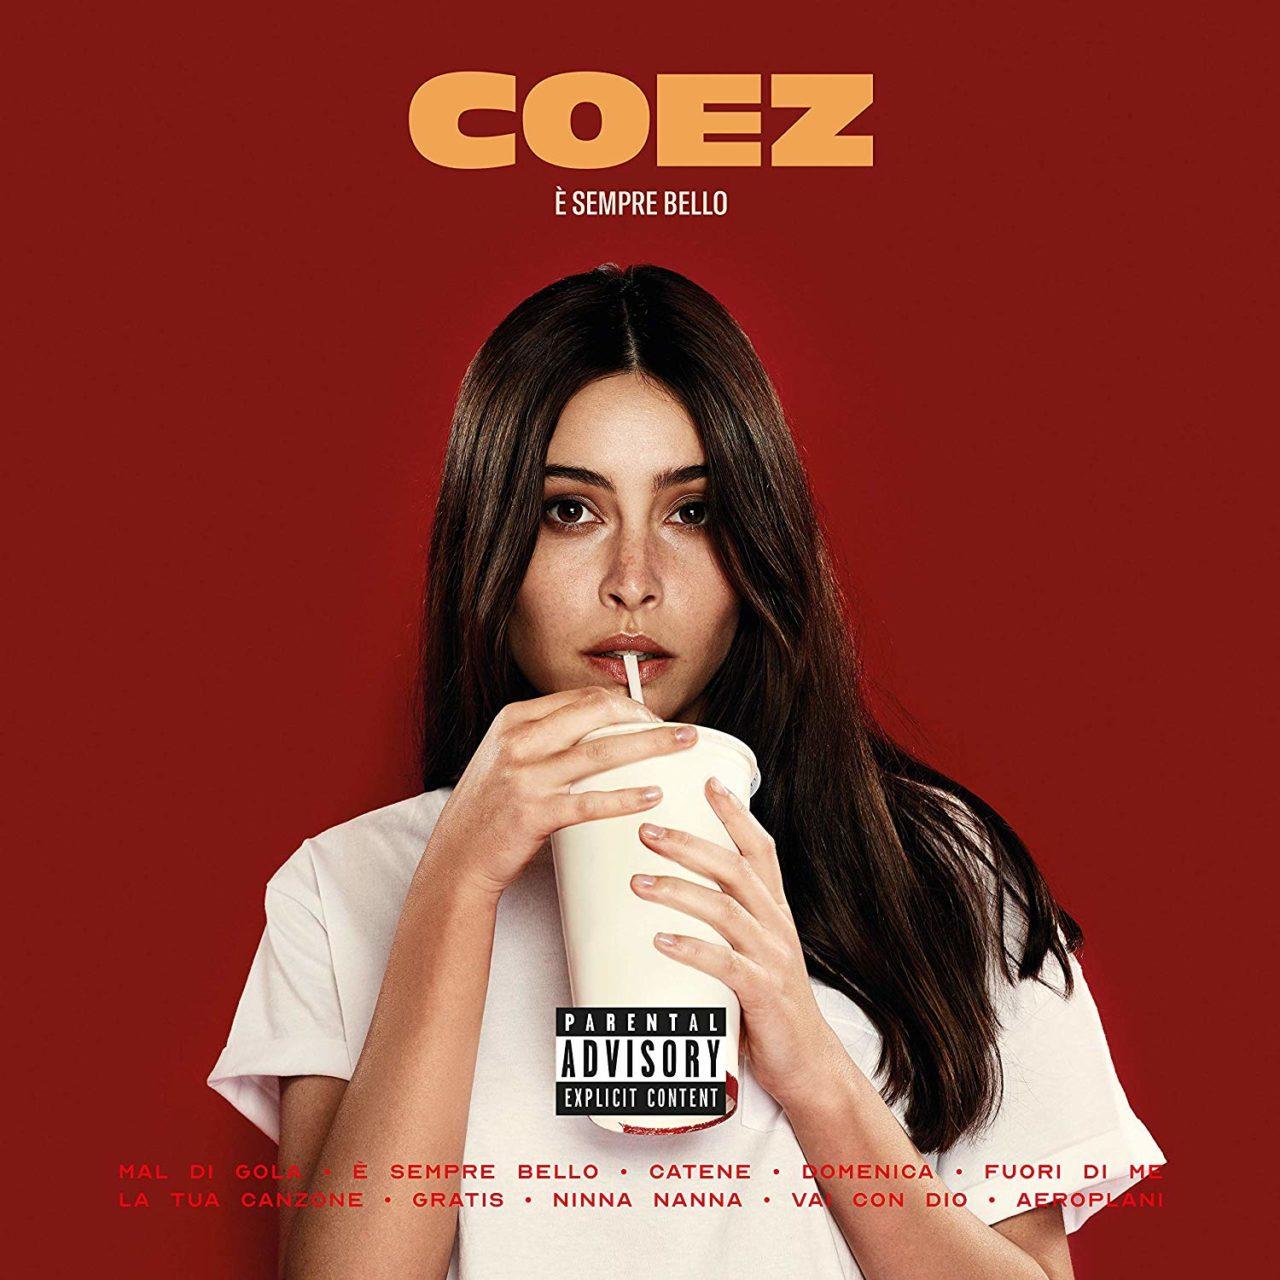 È sempre bello Coez album cover